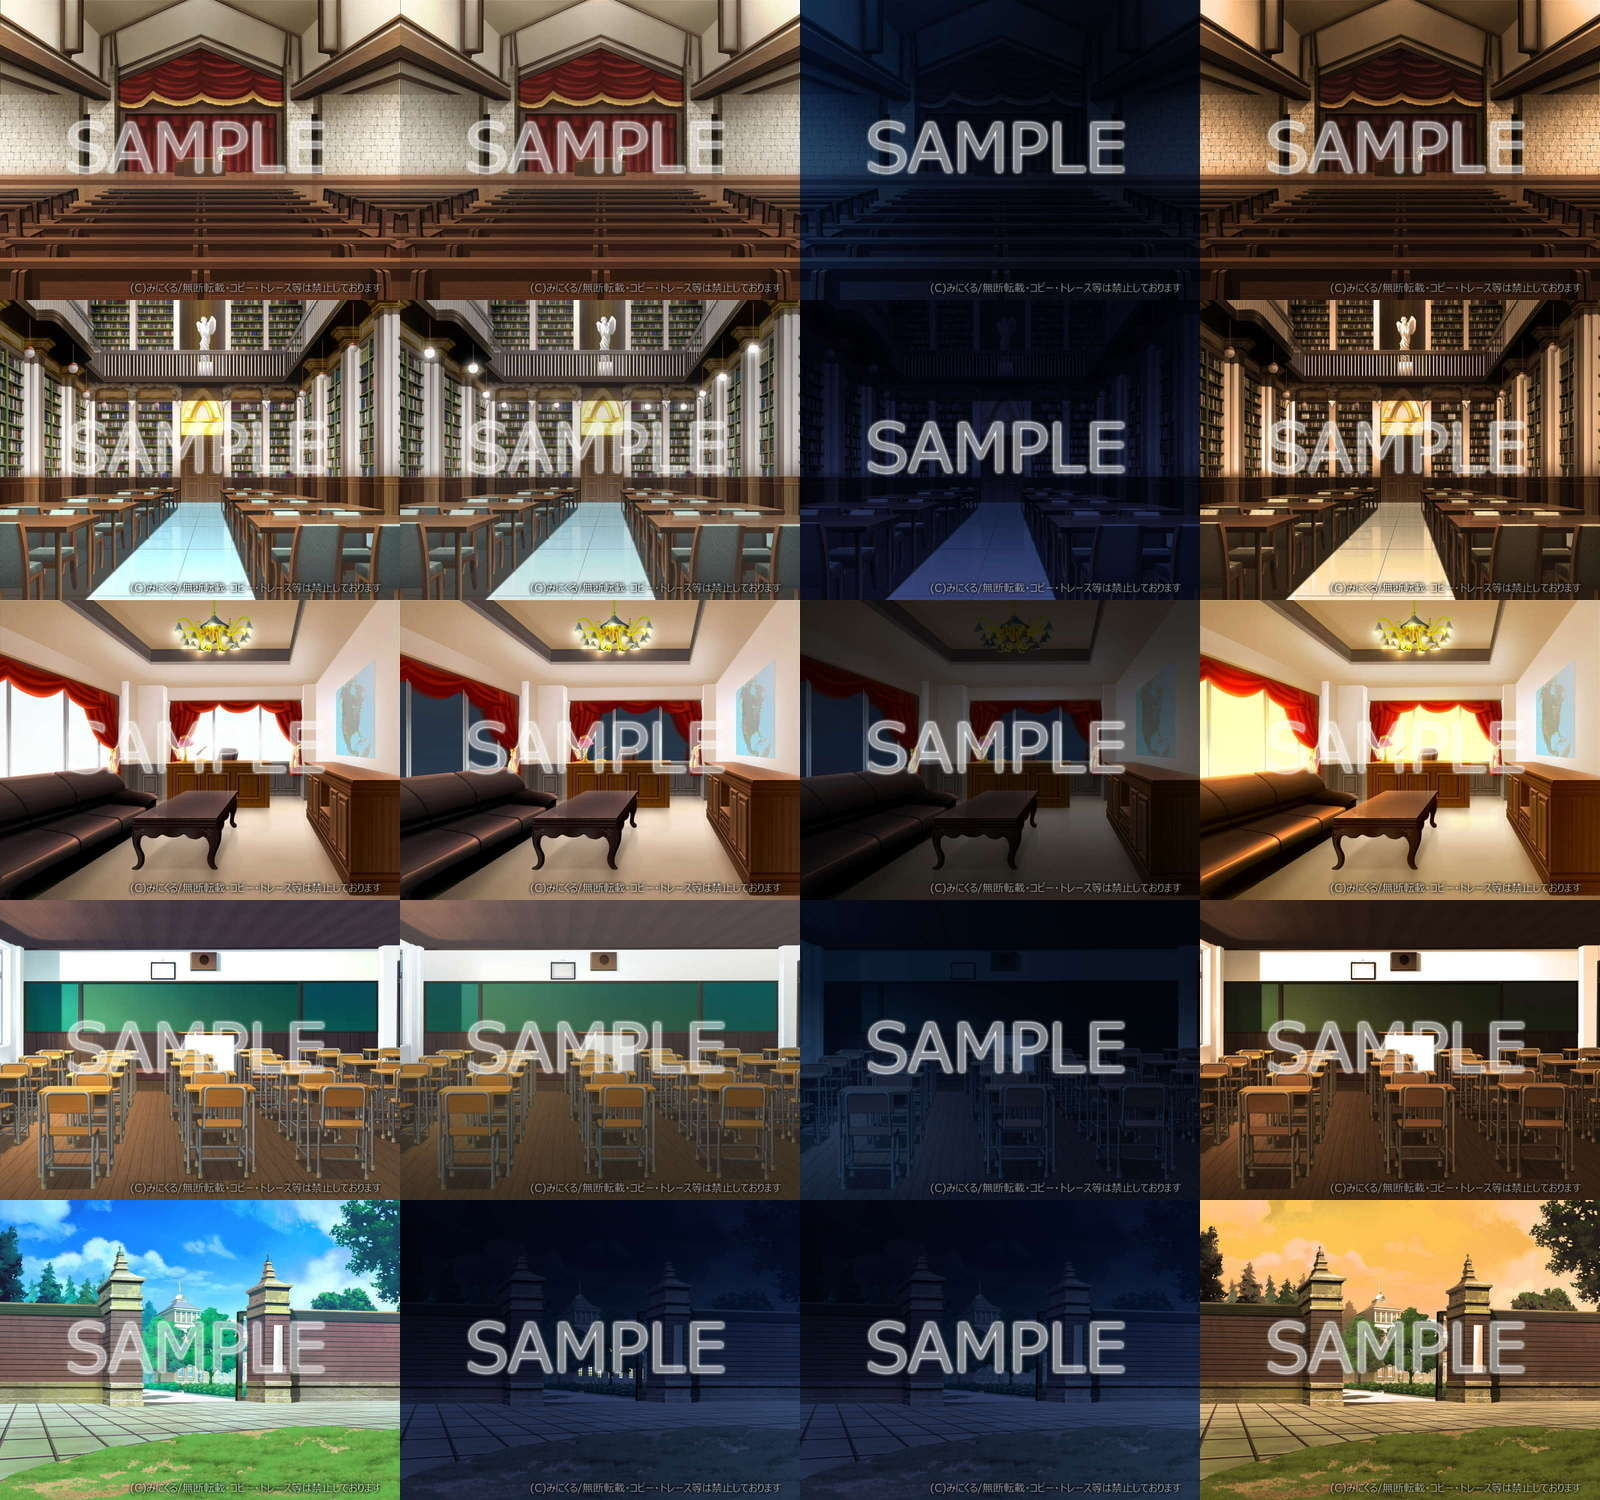 みにくる背景CG素材集『学園編』part02&04 エロ画像